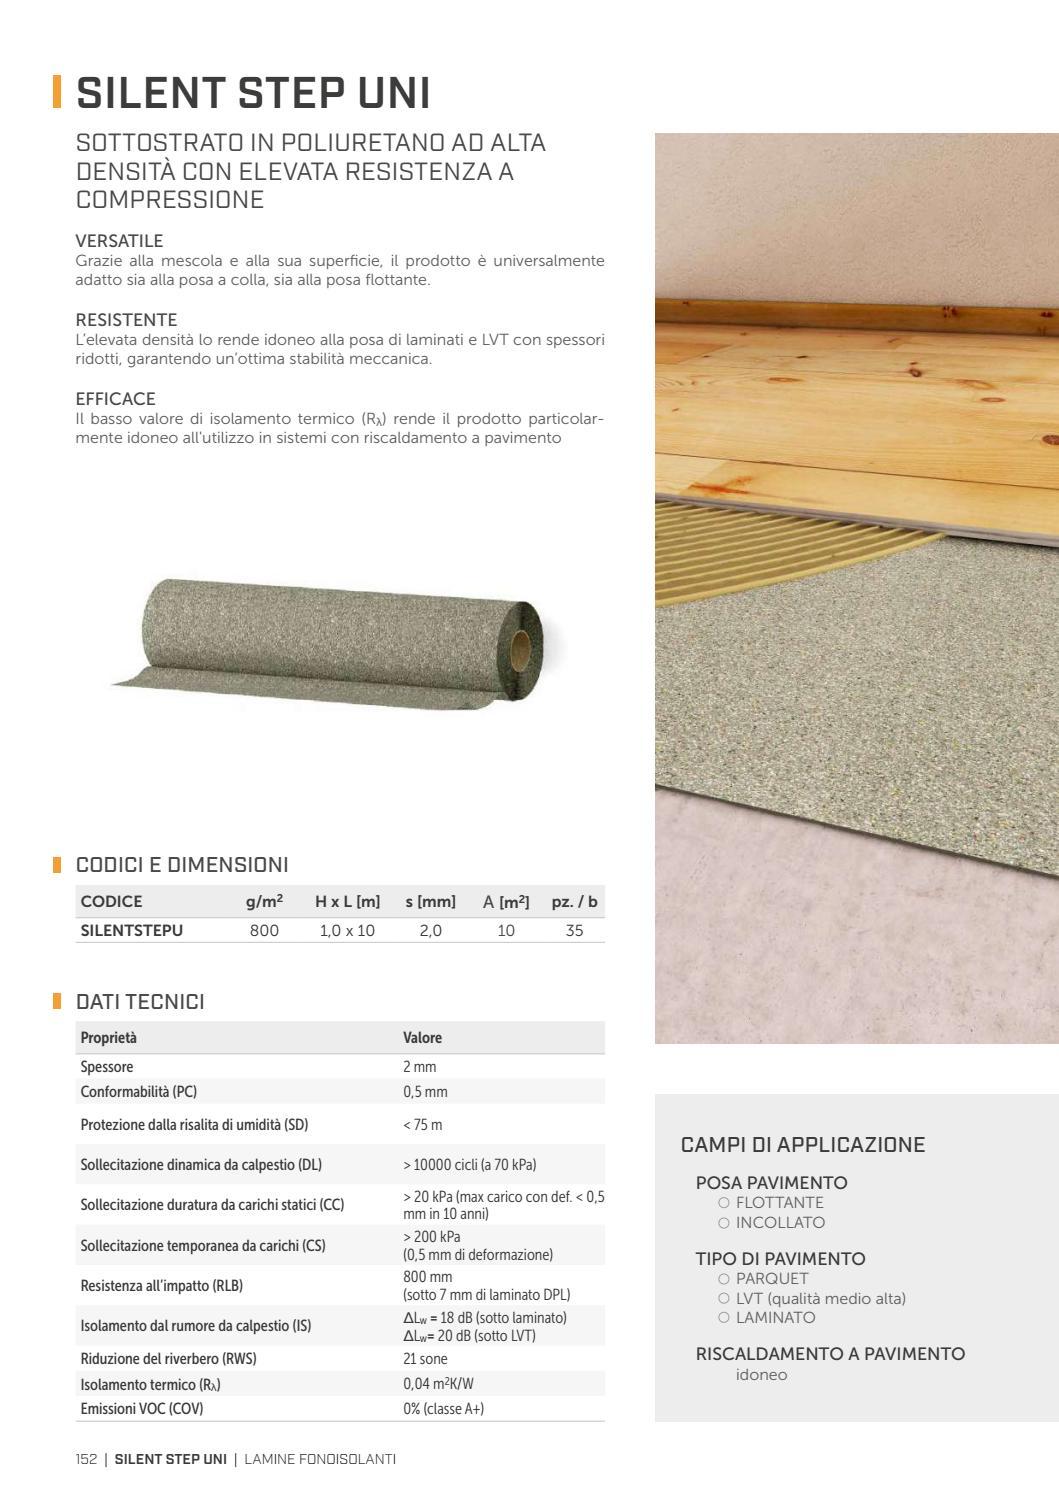 Riscaldamento A Pavimento E Laminato soluzioni per l'acustica - it by rothoblaas - issuu